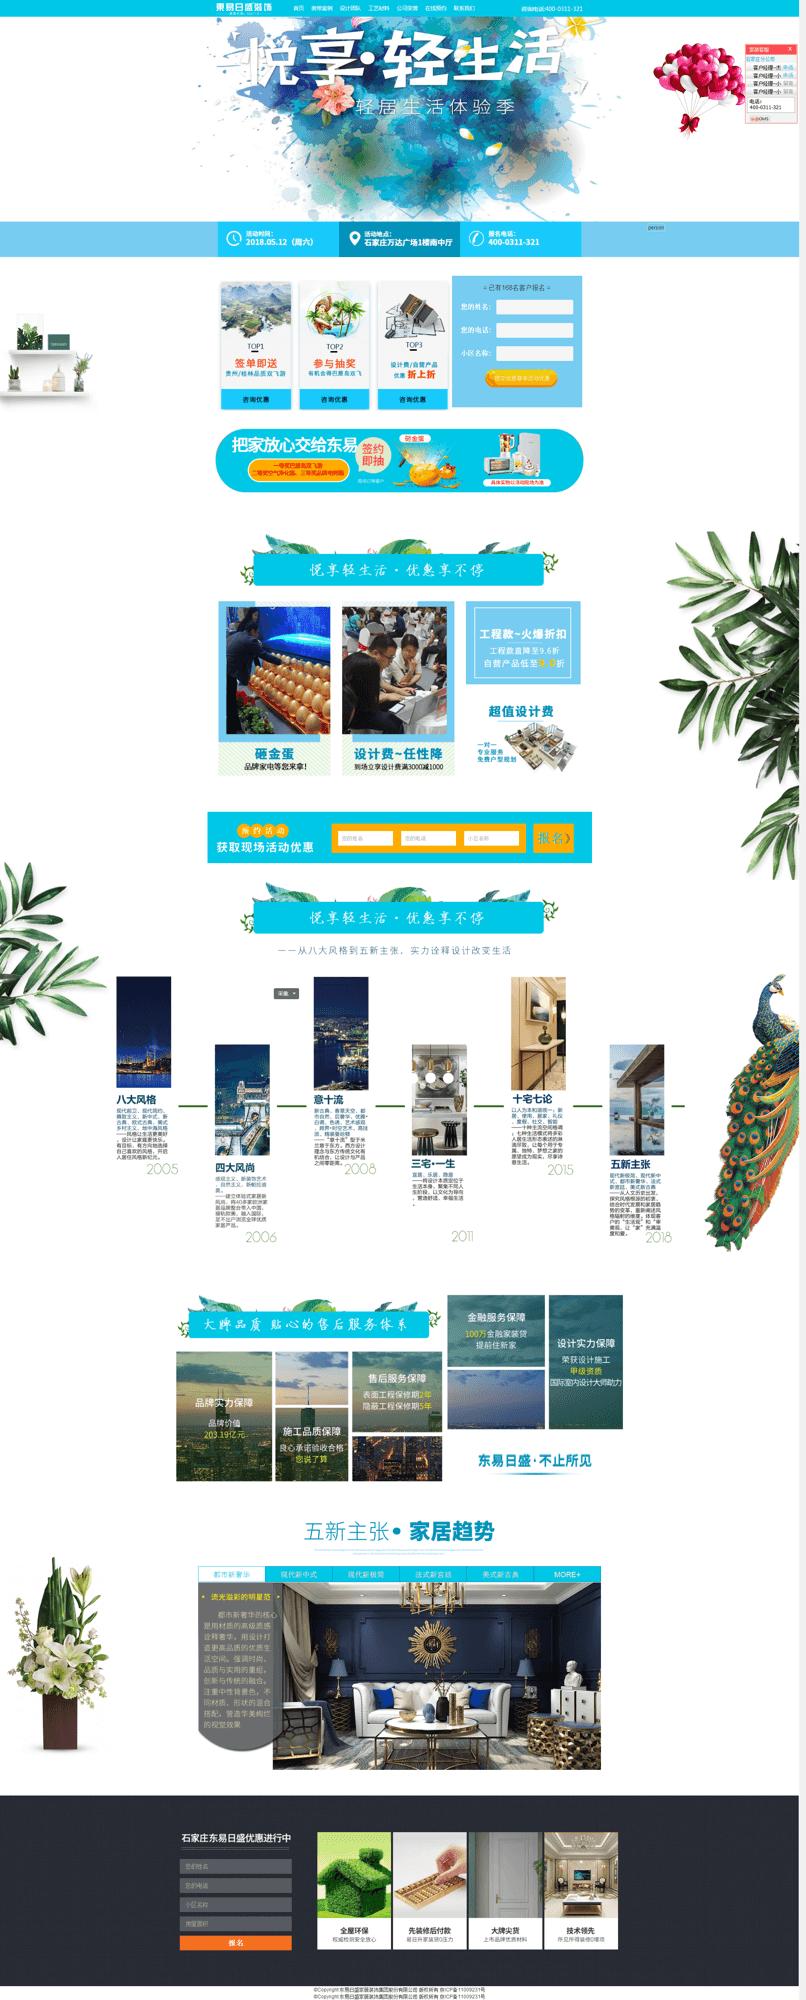 悦享轻生活5月12日东易日盛装饰石家庄分公司年中回馈盛典.png